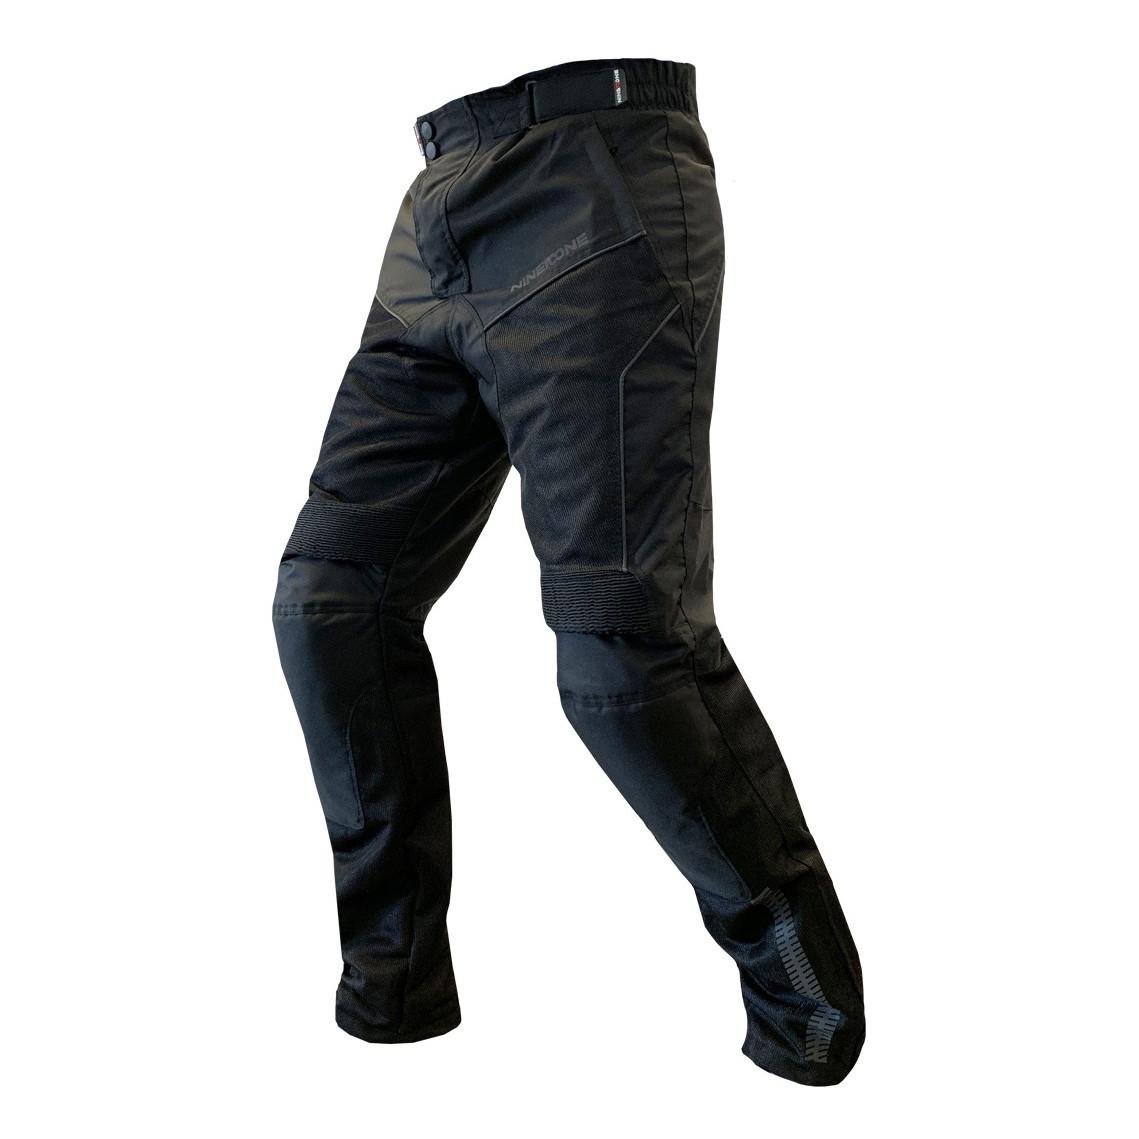 Pantalón de Cordura Turismo Nine To One City con Protecciones